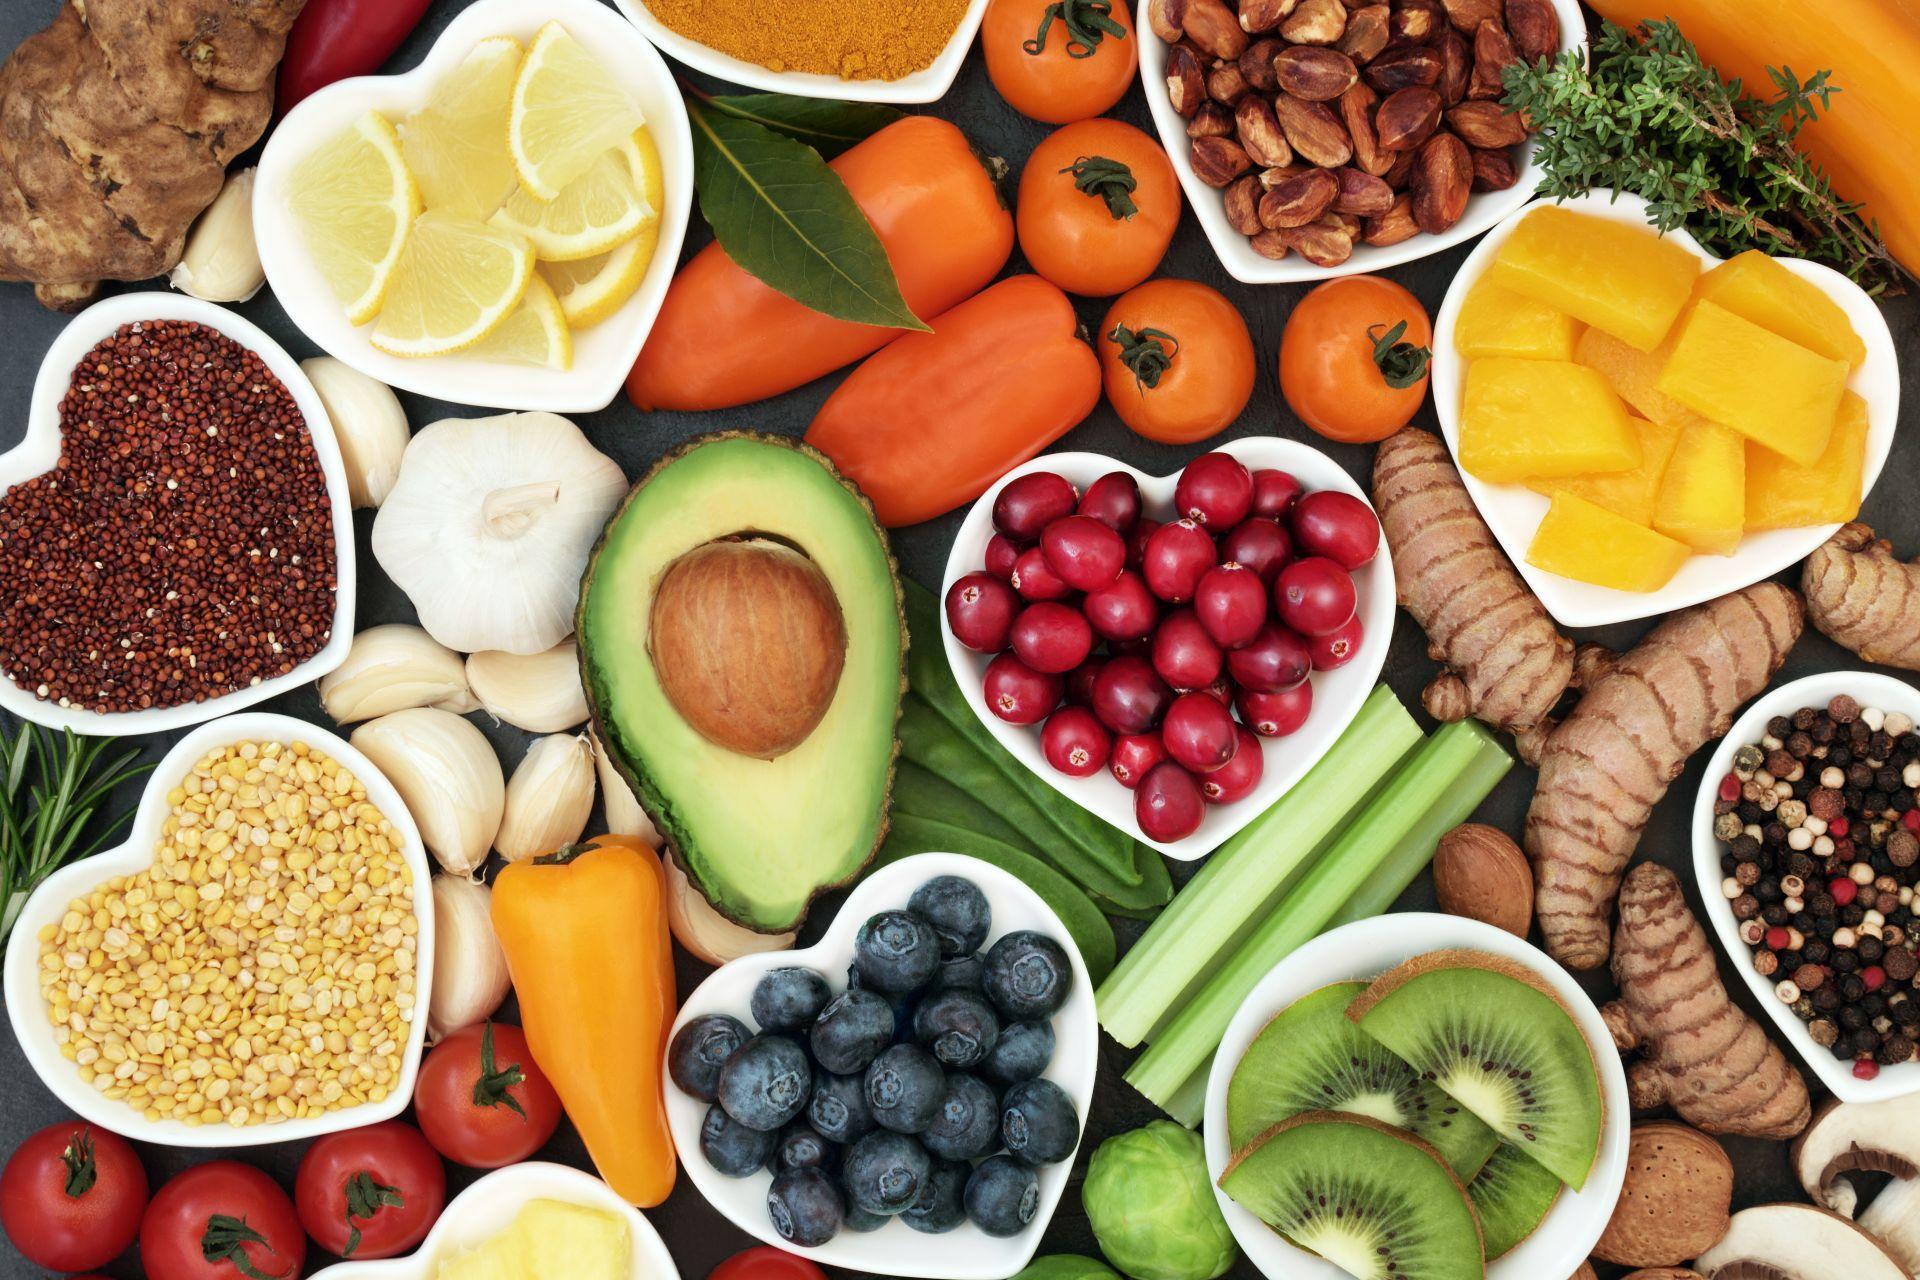 Dieta cholesterolowa oparta na sterolach roślinnych obniżających cholesterol w skuteczny sposób - nawet o 7-10% po 2-3 tygodniach spożywania 1,5-2g dawki dziennie.